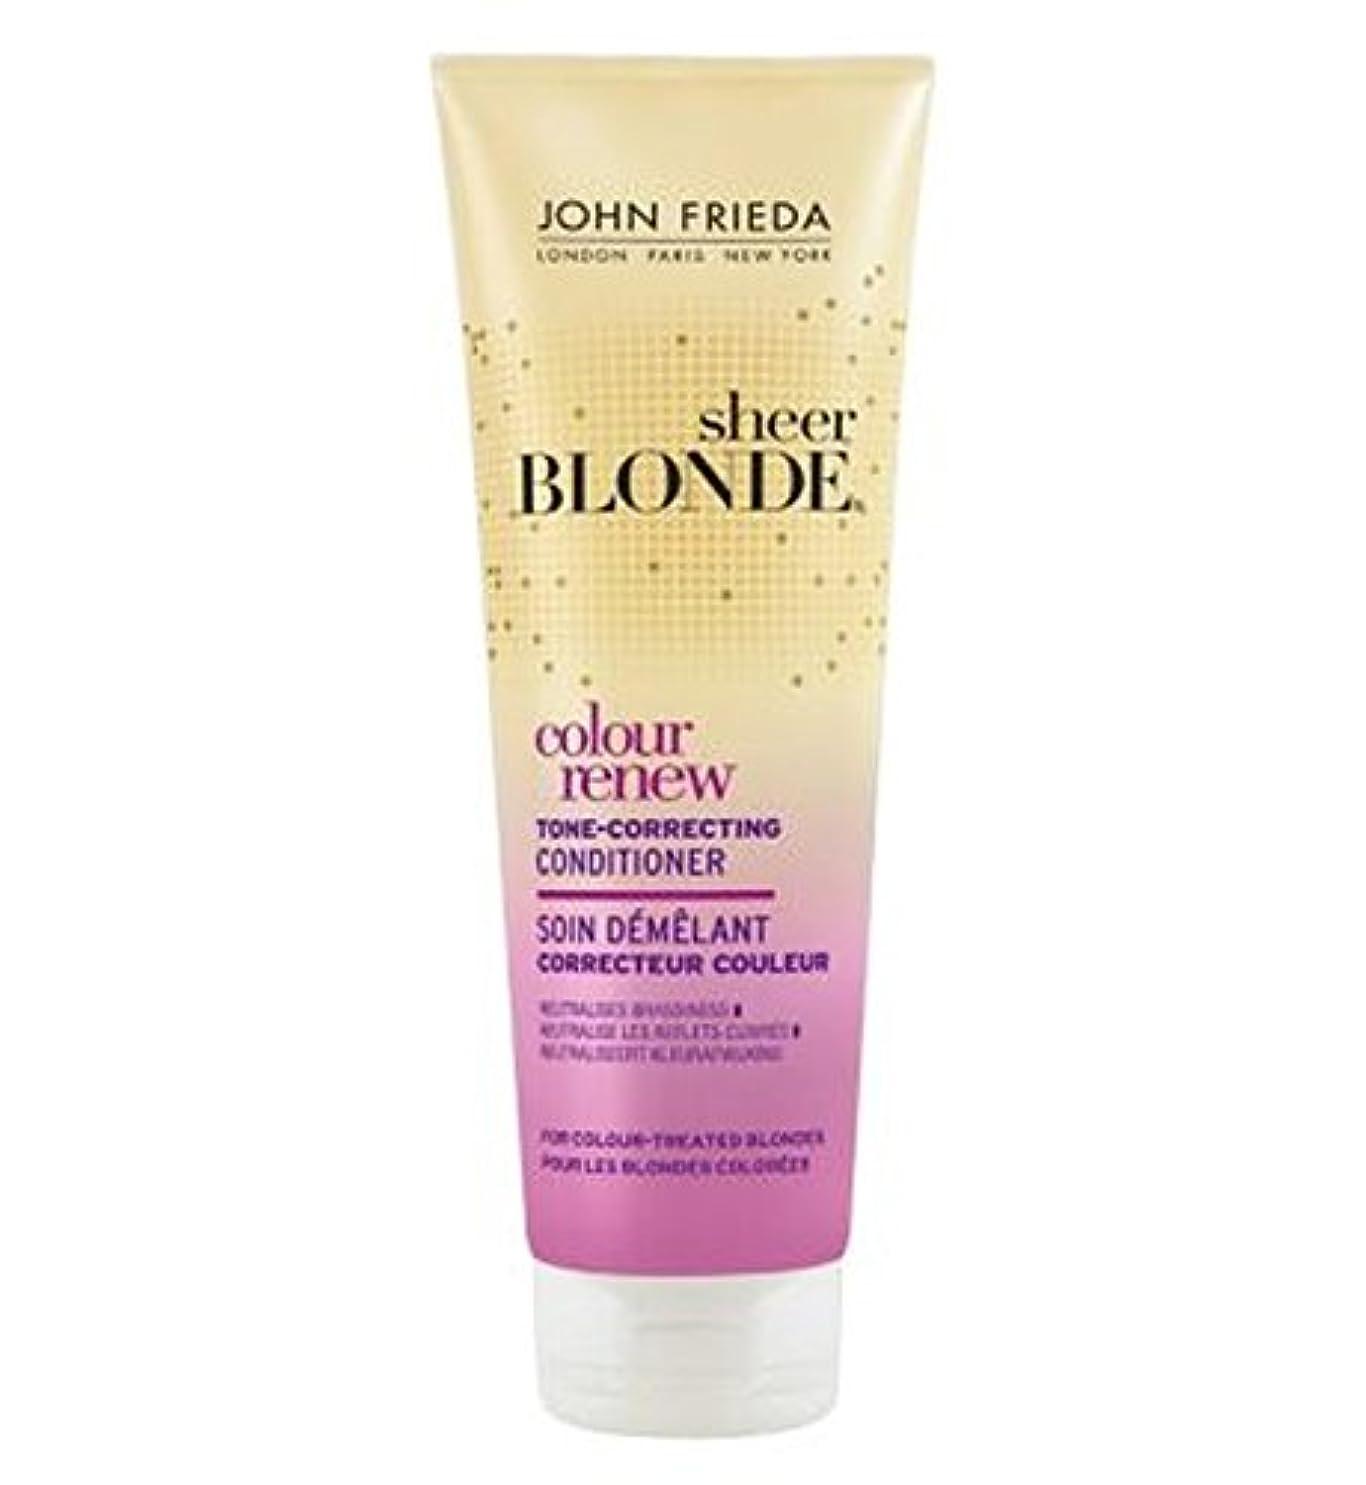 ジョン?フリーダ薄手のブロンド色は色調補正コンディショナー250ミリリットルを更新します (John Frieda) (x2) - John Frieda Sheer Blonde Colour Renew Tone Correcting...